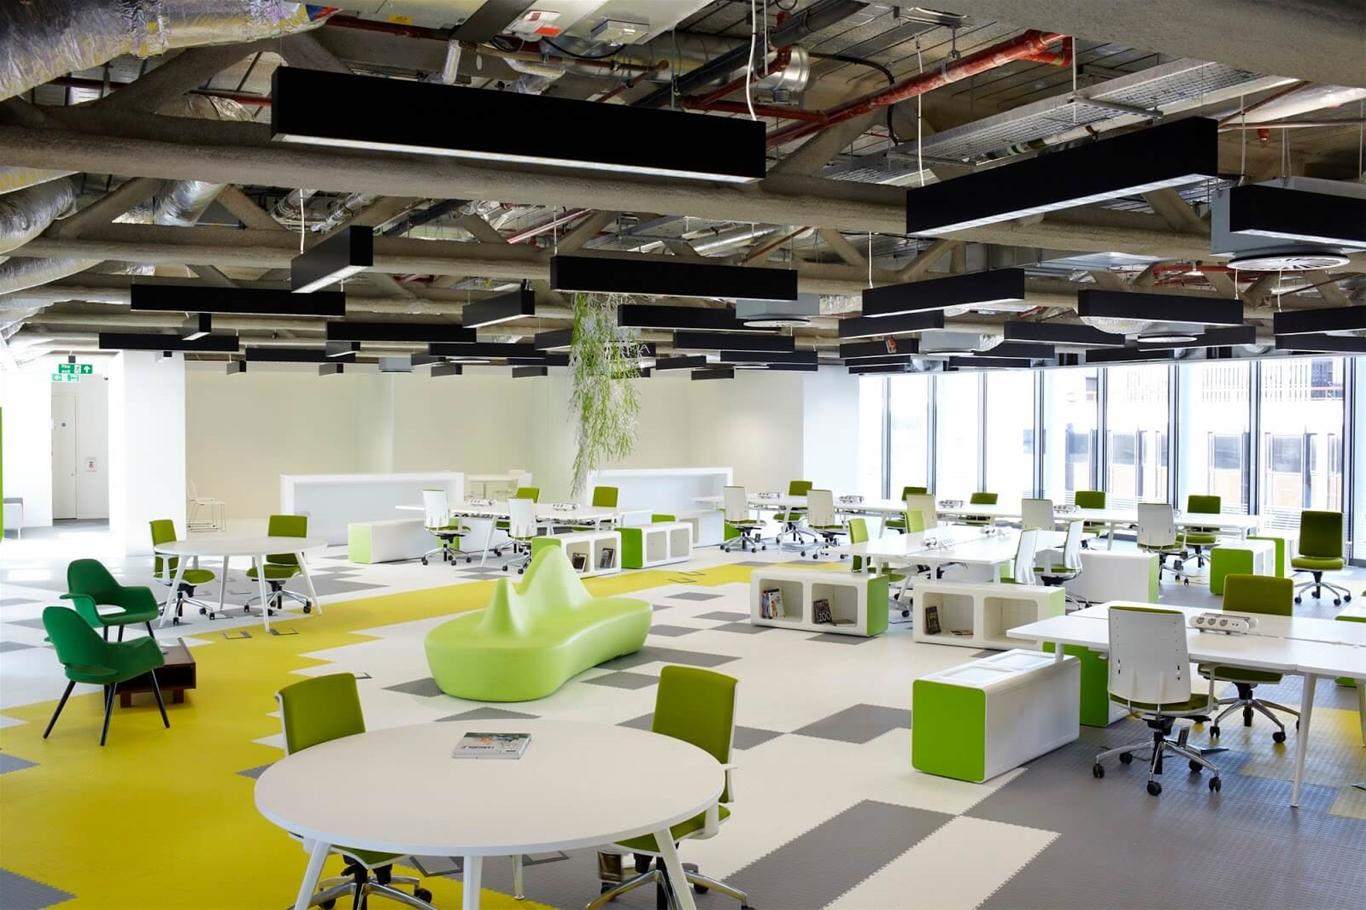 Thiết kế văn phòng theo không gian mở?